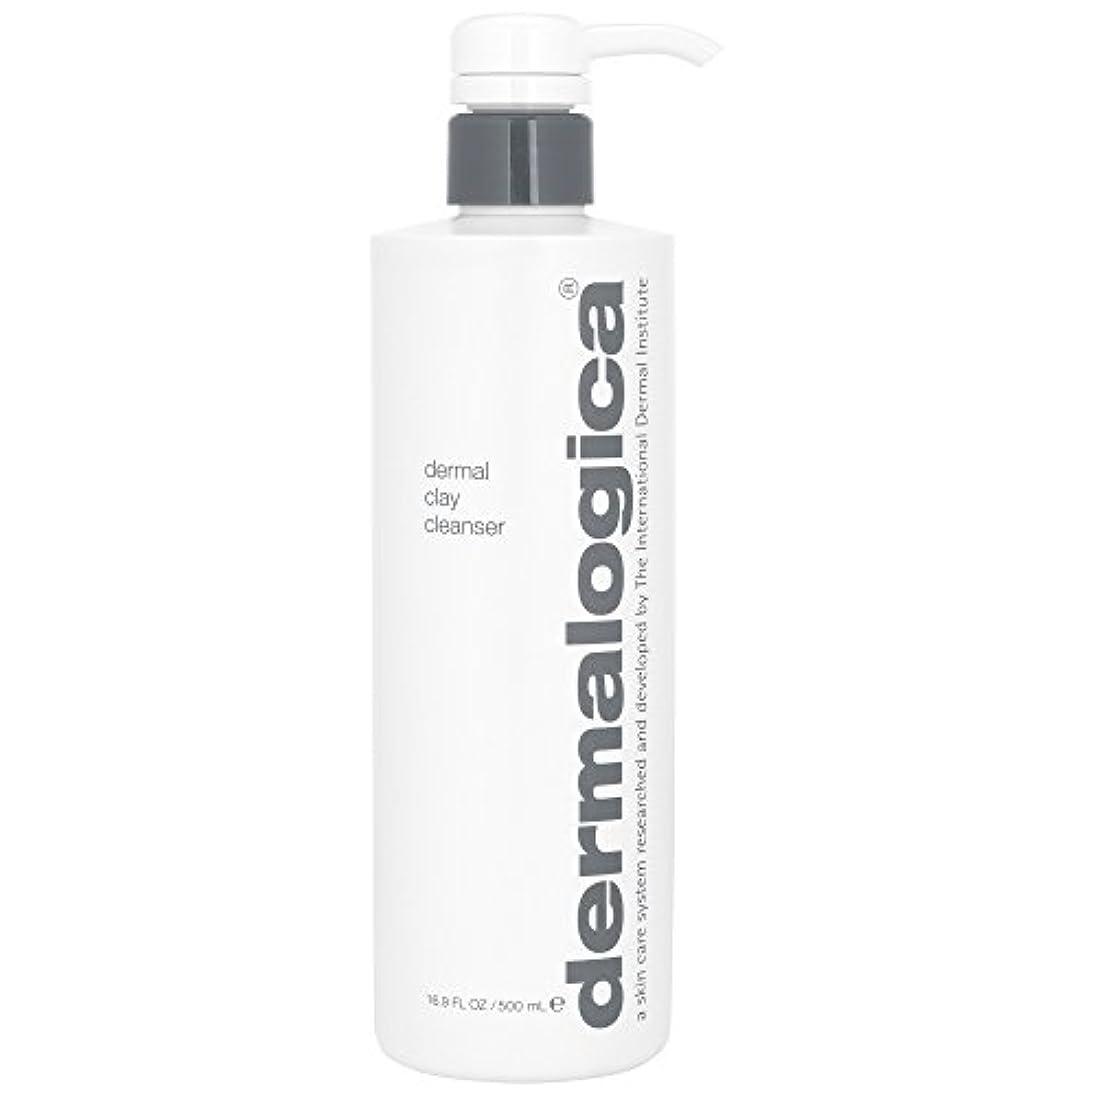 連邦絶縁するコンセンサスダーマロジカ真皮クレイクレンザー500ミリリットル (Dermalogica) - Dermalogica Dermal Clay Cleanser 500ml [並行輸入品]